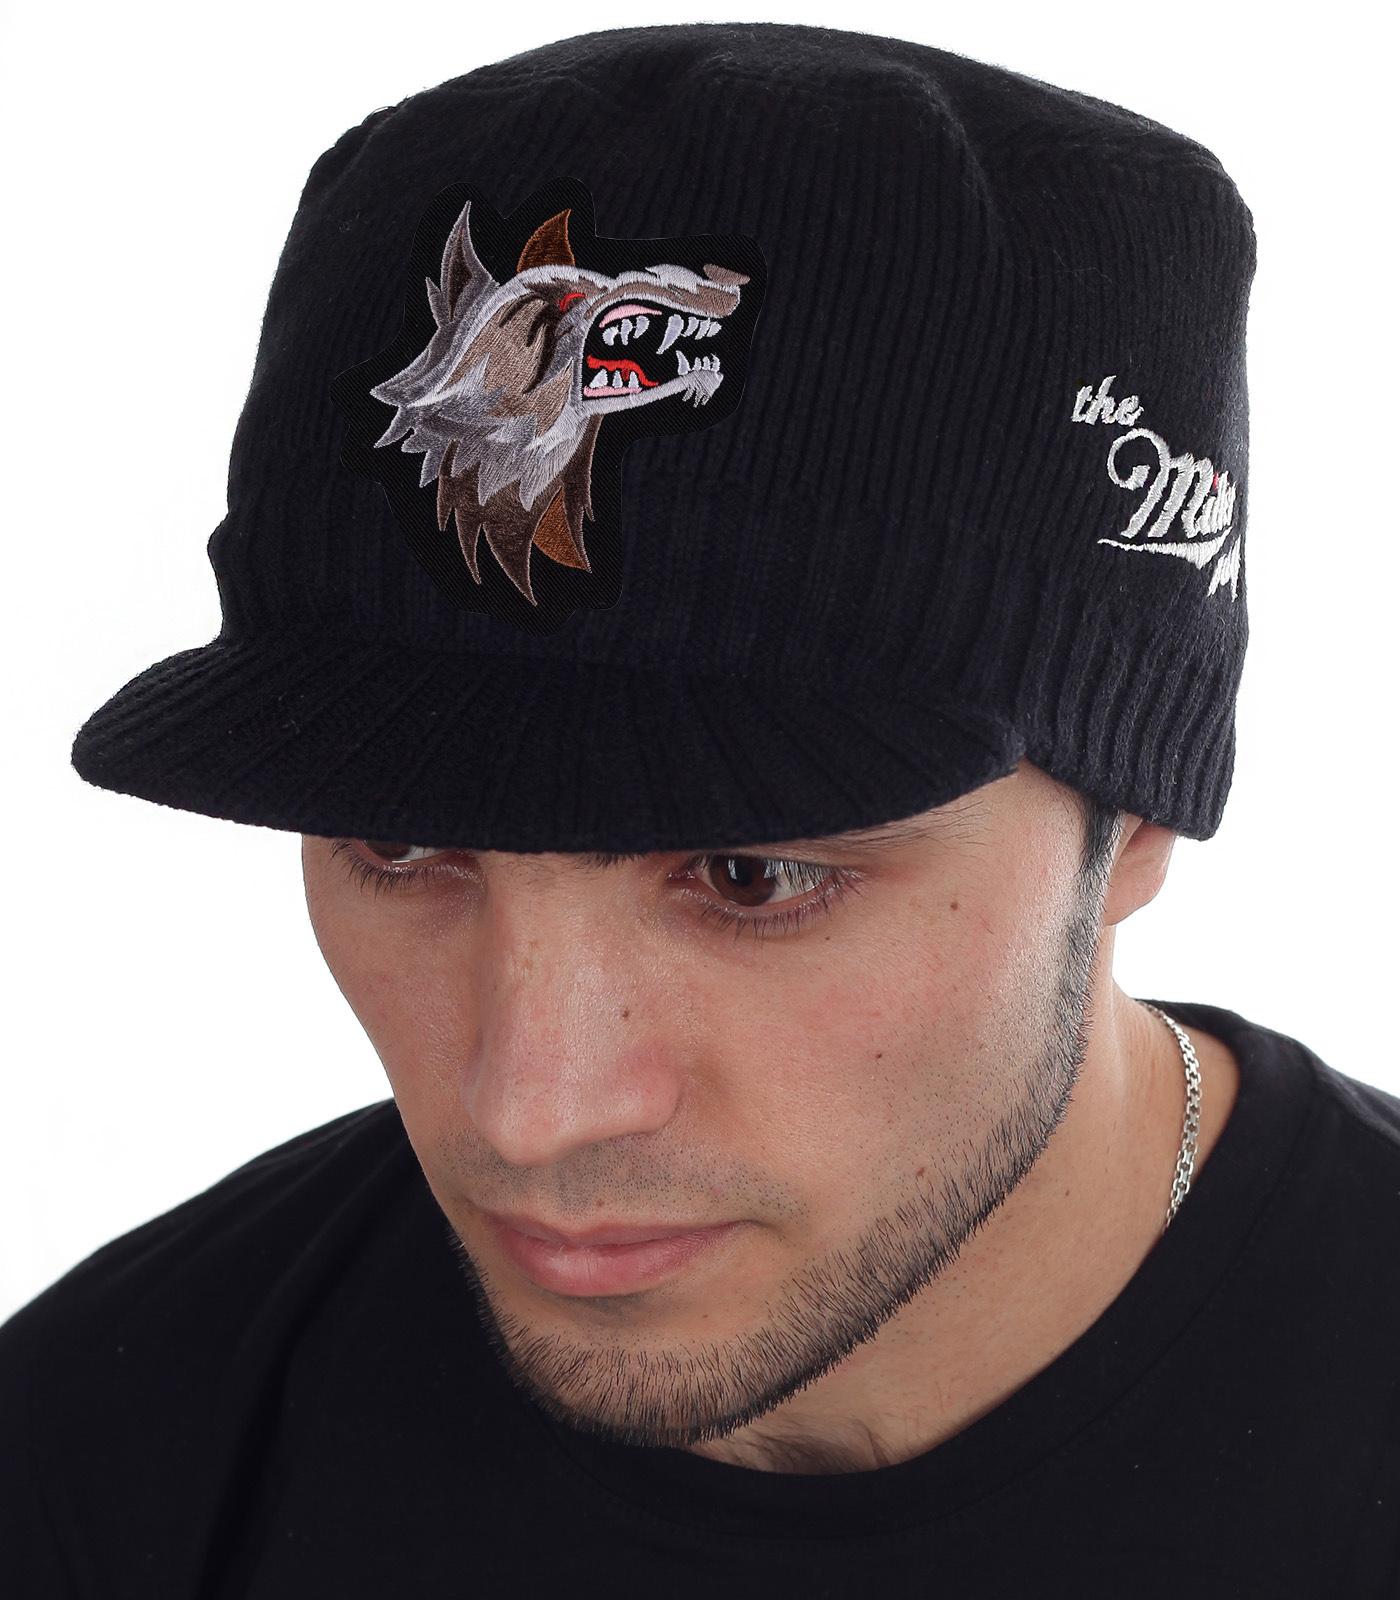 Вязаная мужская кепка The Miller Way. Полноценный фасон на осень-зиму, закрывающий уши, затылок и лоб. Стильная и недорогая альтернатива скучным неудобным шапкам